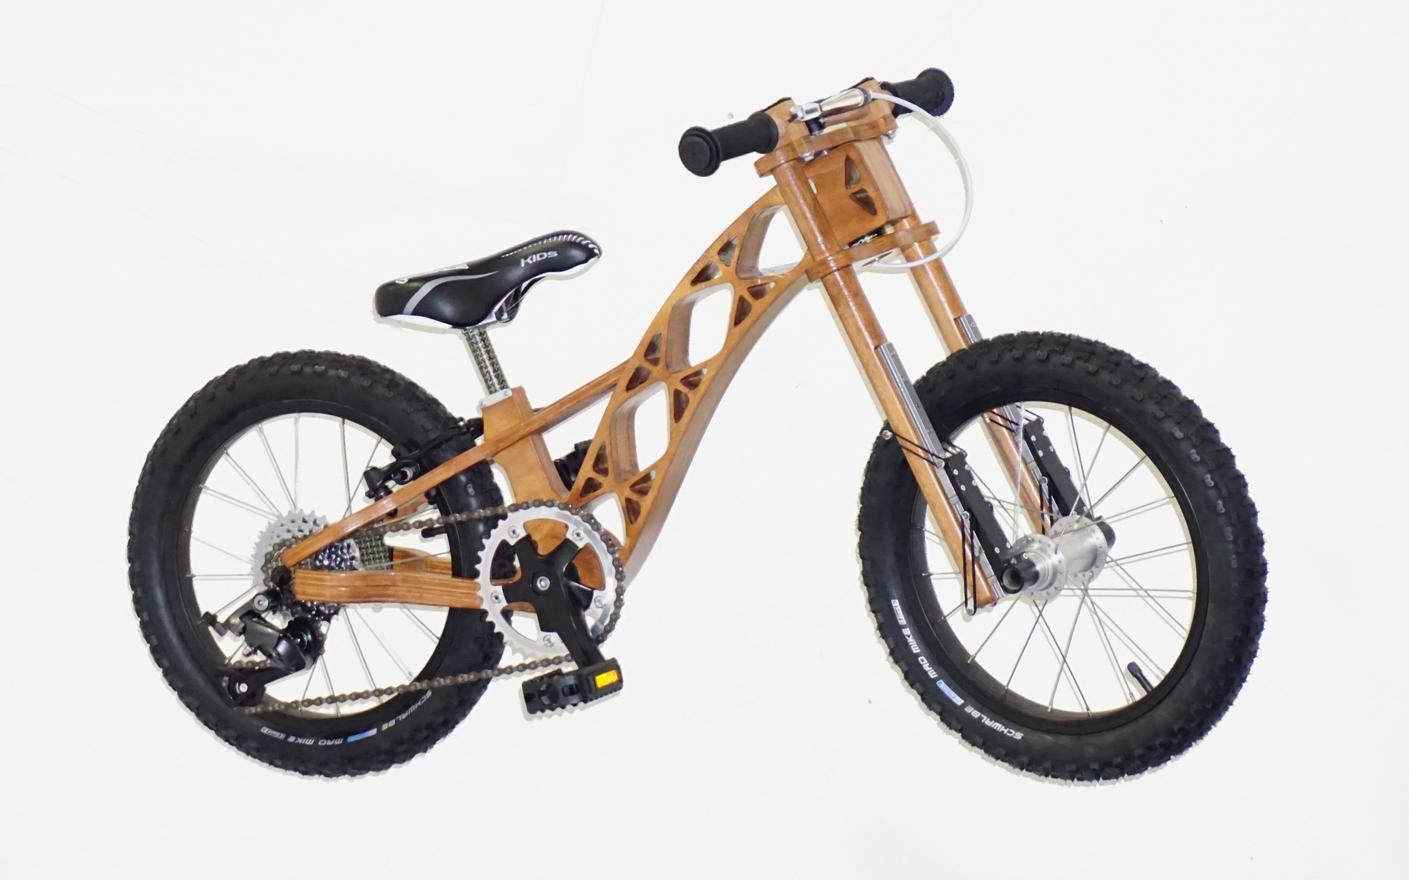 Wooden bike side view